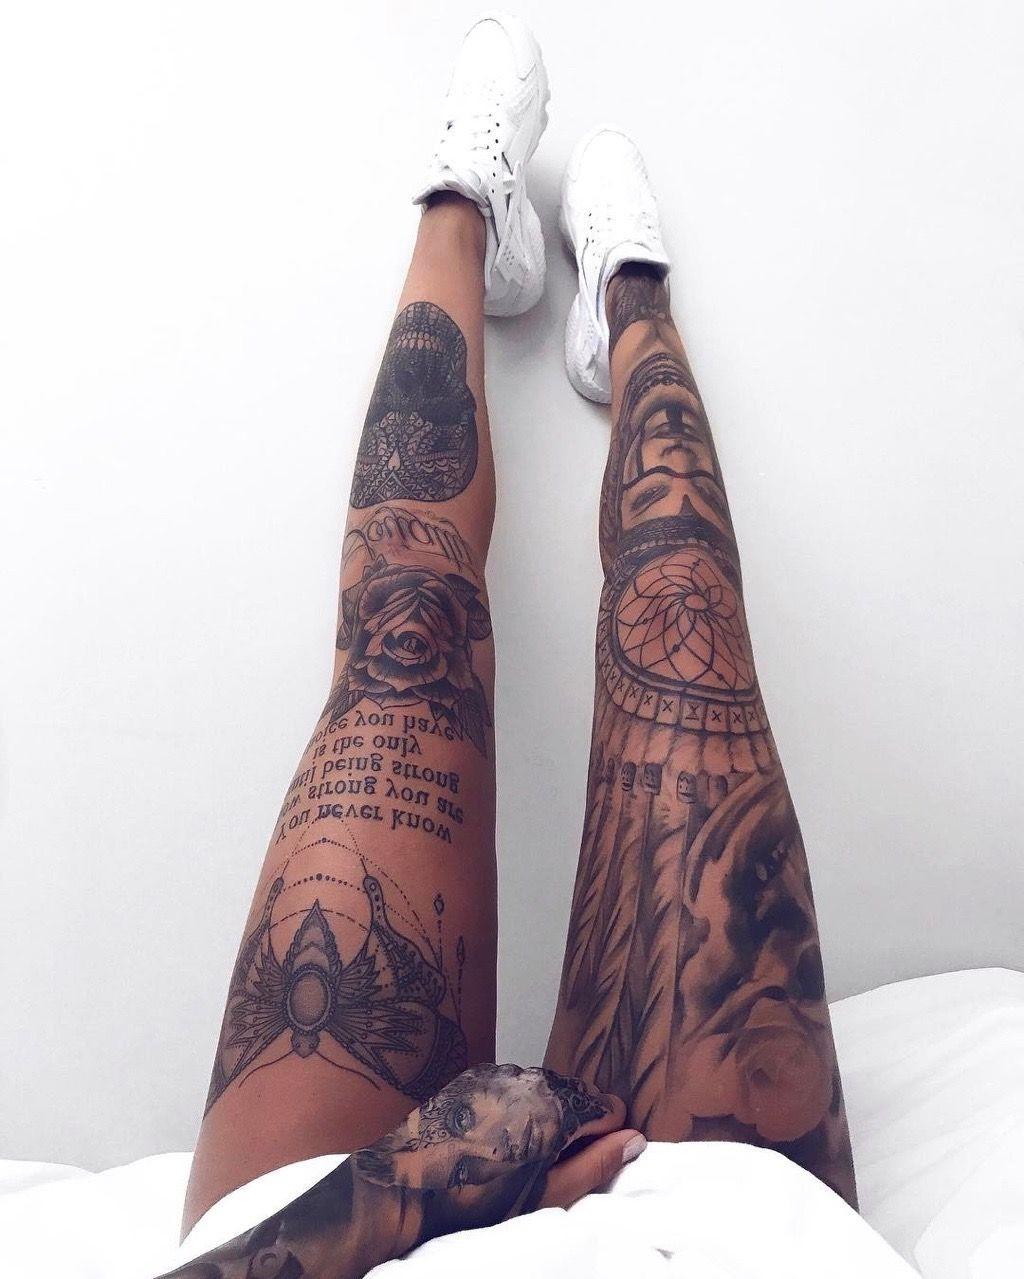 Avec les tatouages, il n'y a pas de règles - vous pouvez combiner différentes formes et styles.